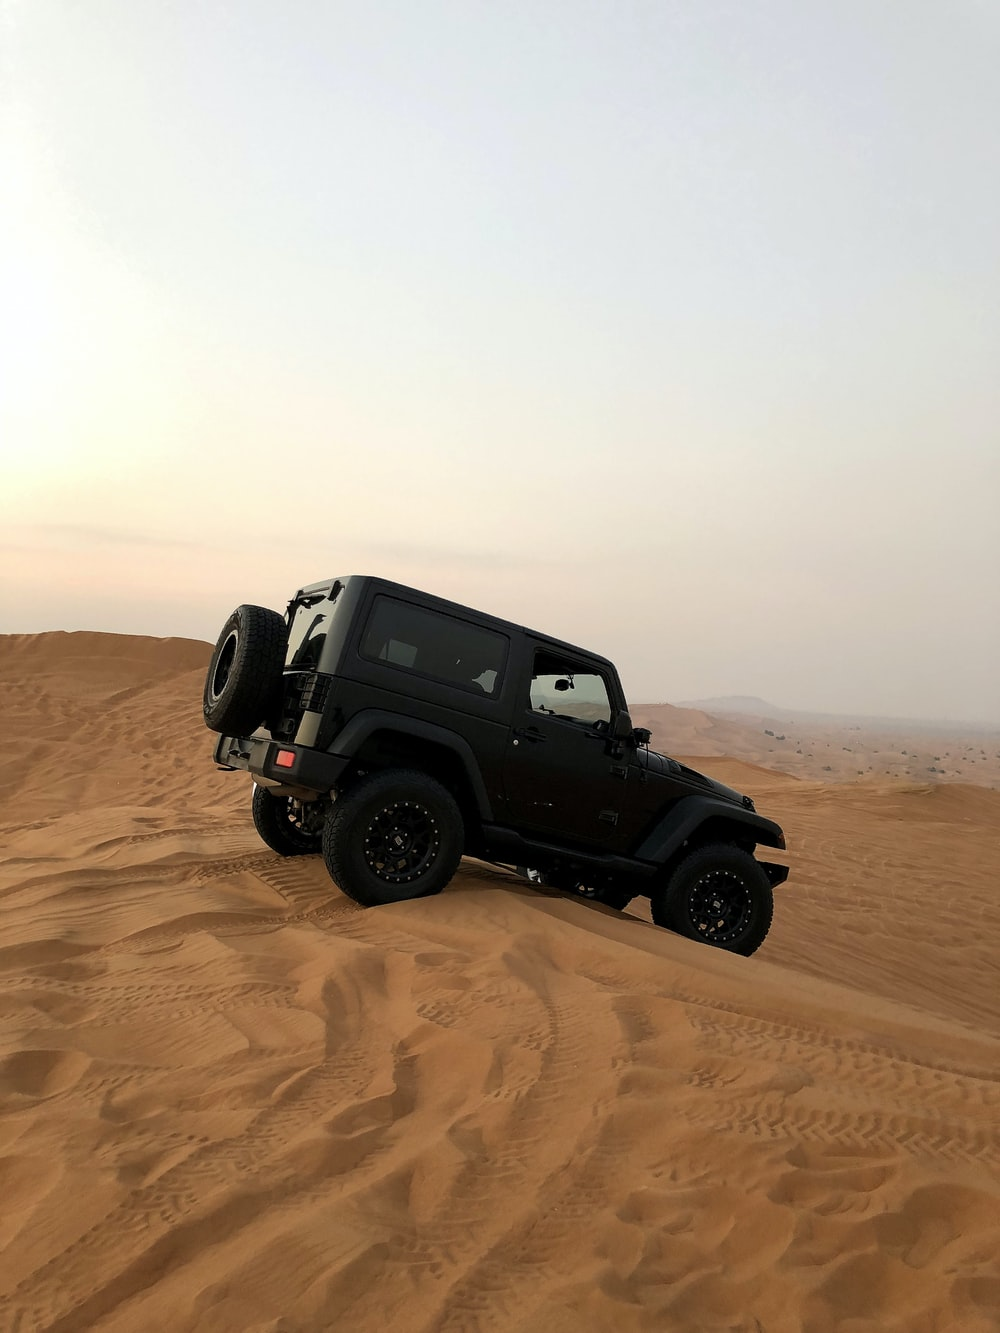 black Jeep Wrangler on desert